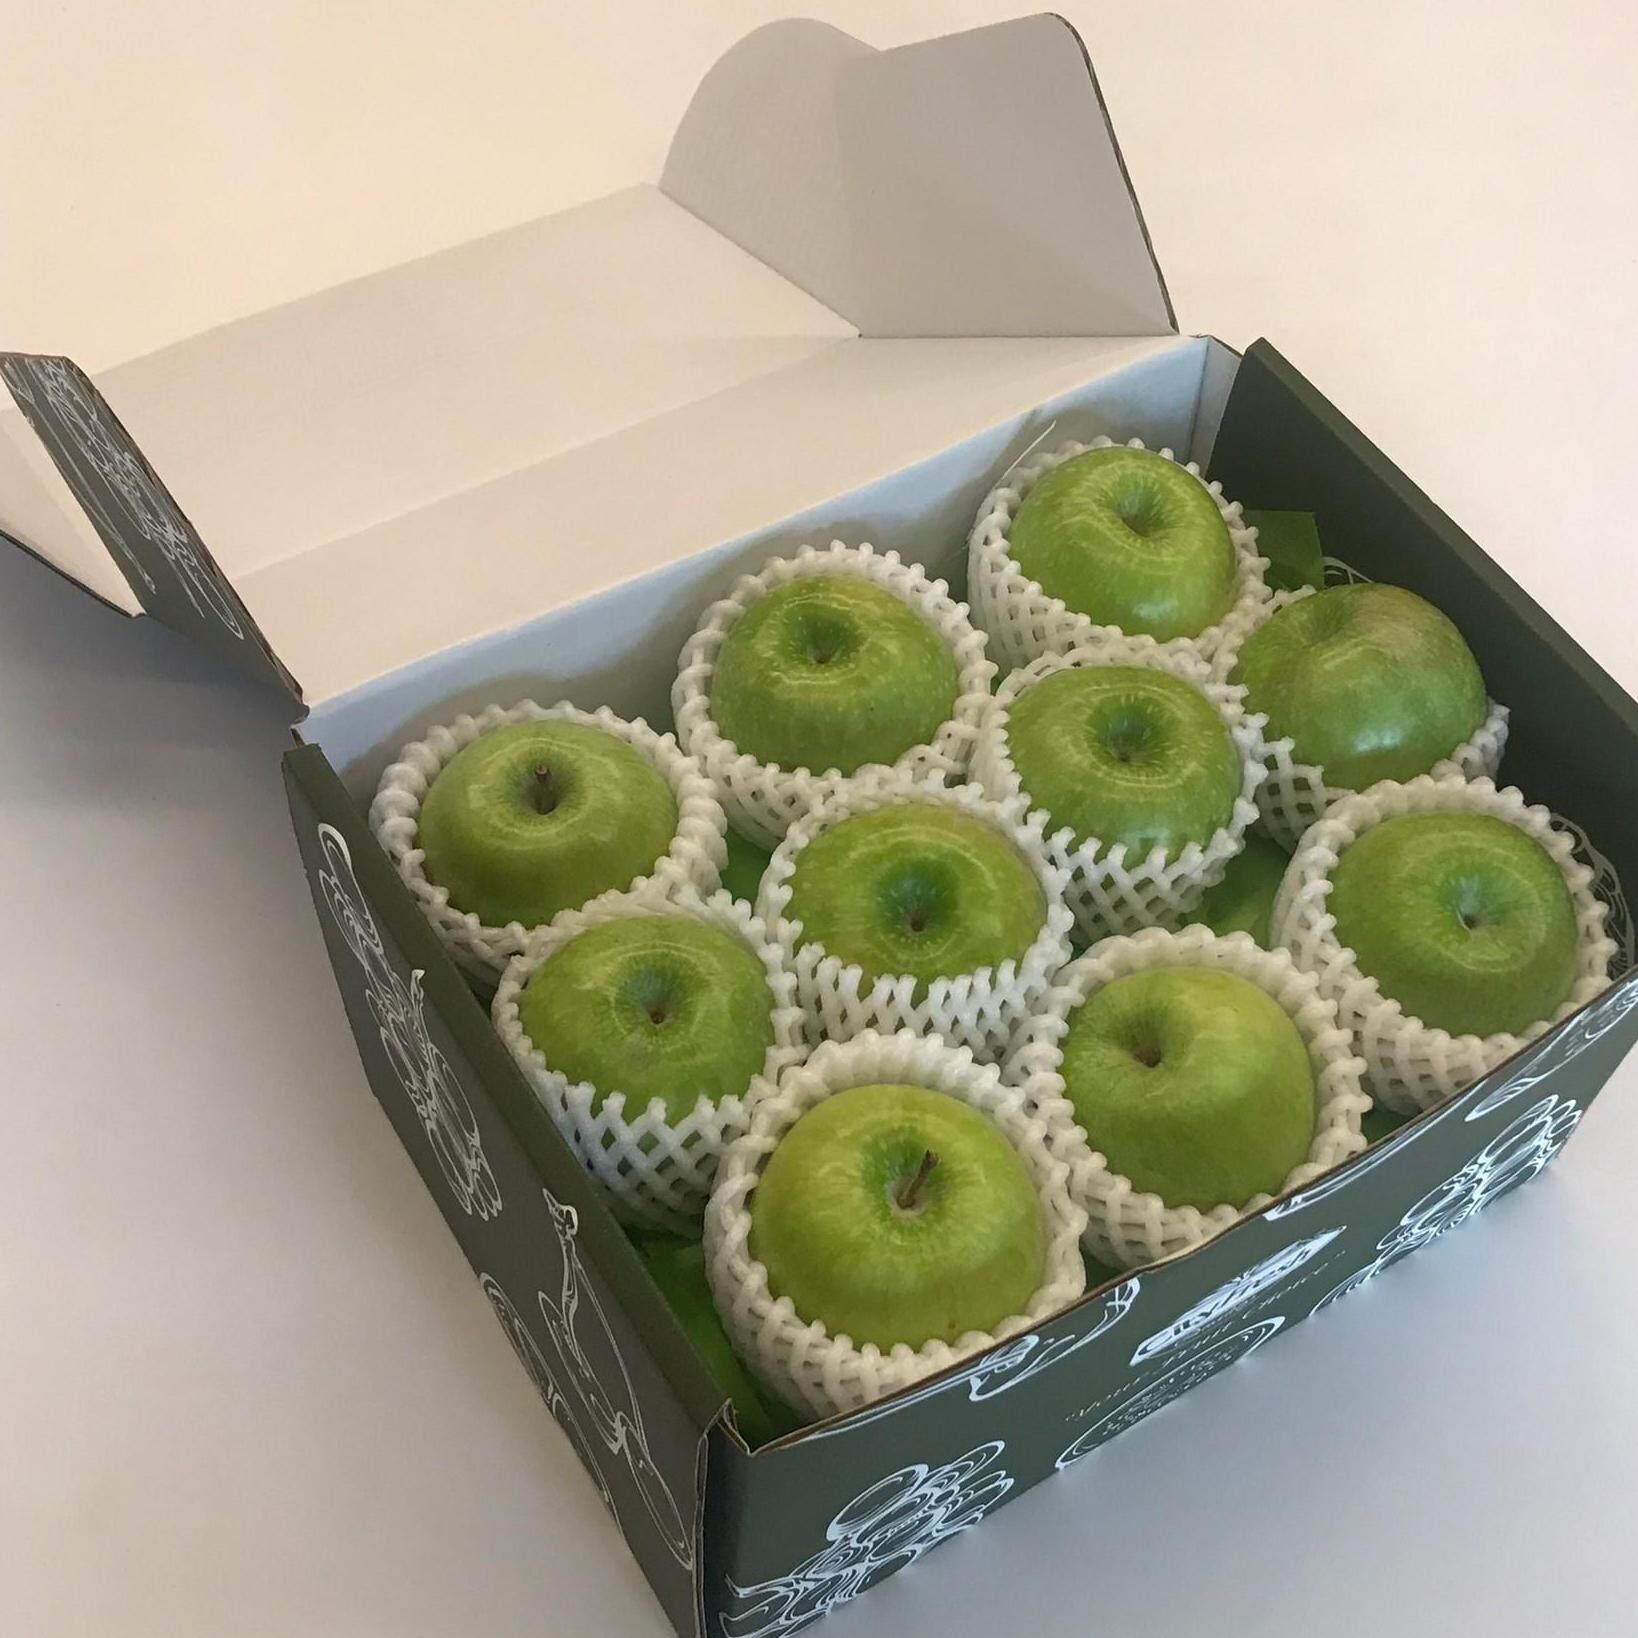 แอปเปิล Tasty Granny : แพค 10 ลูก [City Fresh Fruit]